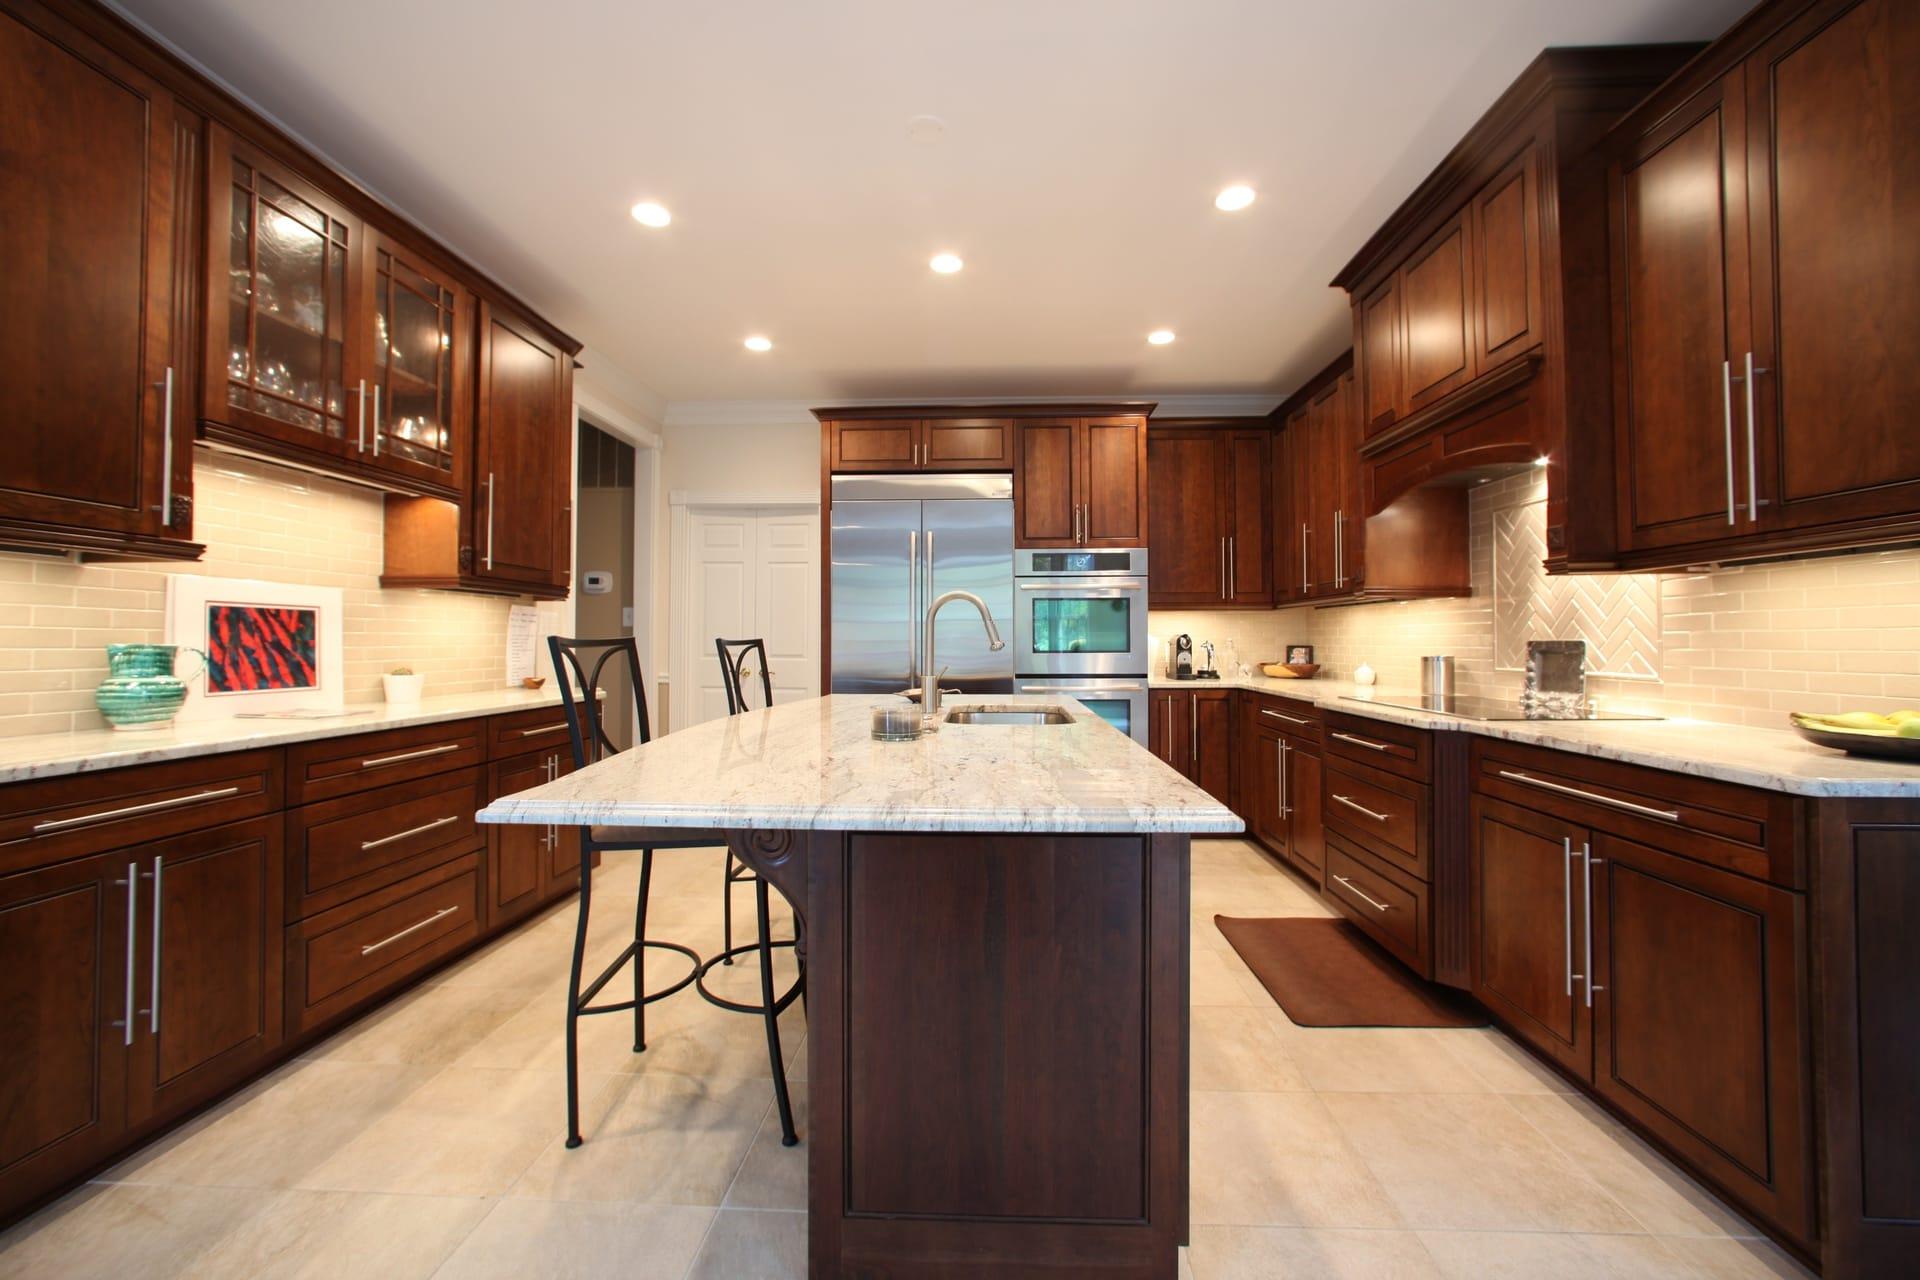 DiTullio Kitchen - Hambleton Construction (10)